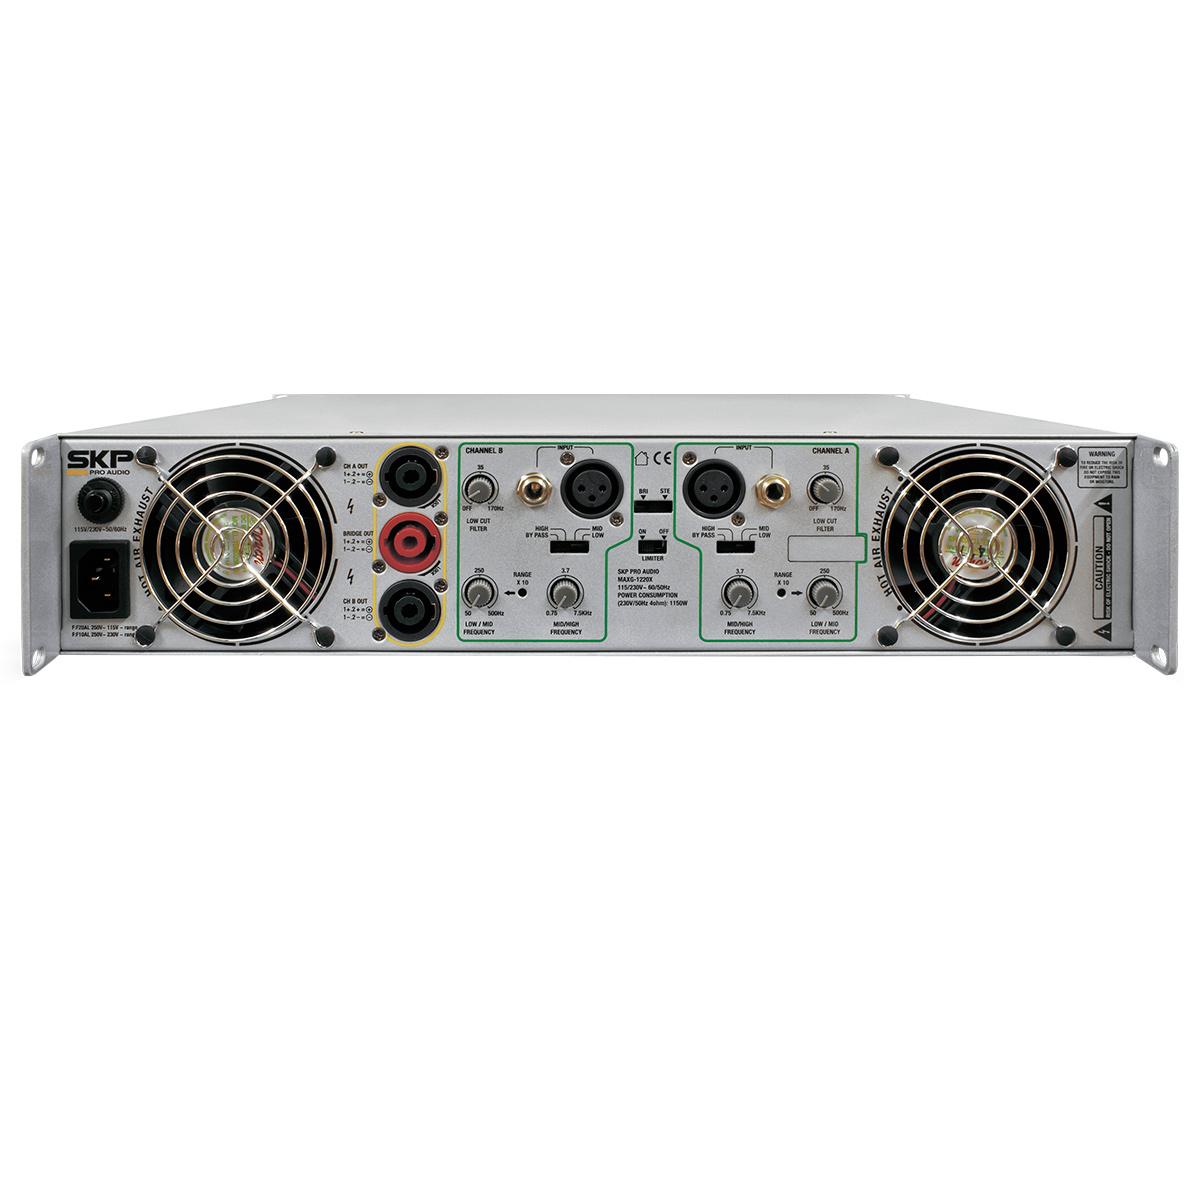 MAXG1820X - Amplificador Estéreo 2 Canais 1800W MAXG 1820X - SKP